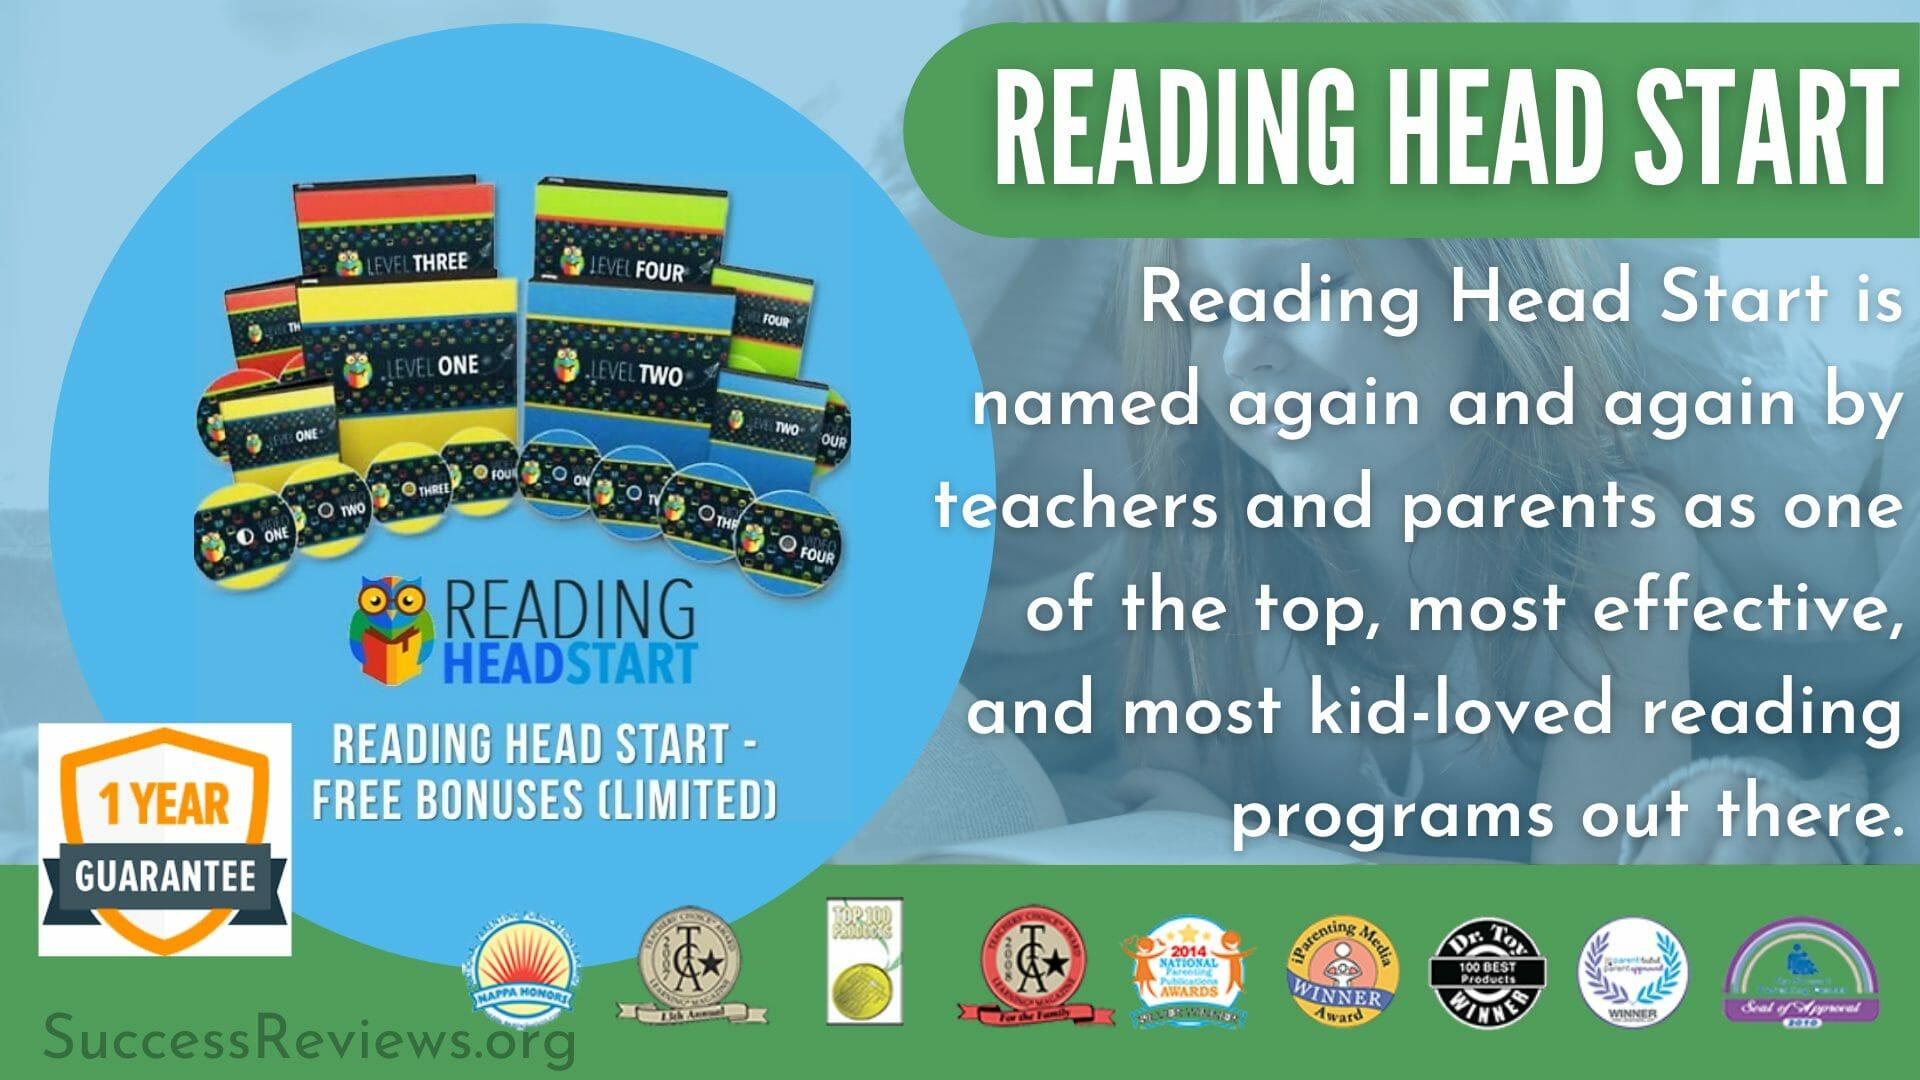 Reading Head Start Program Most Kids loved